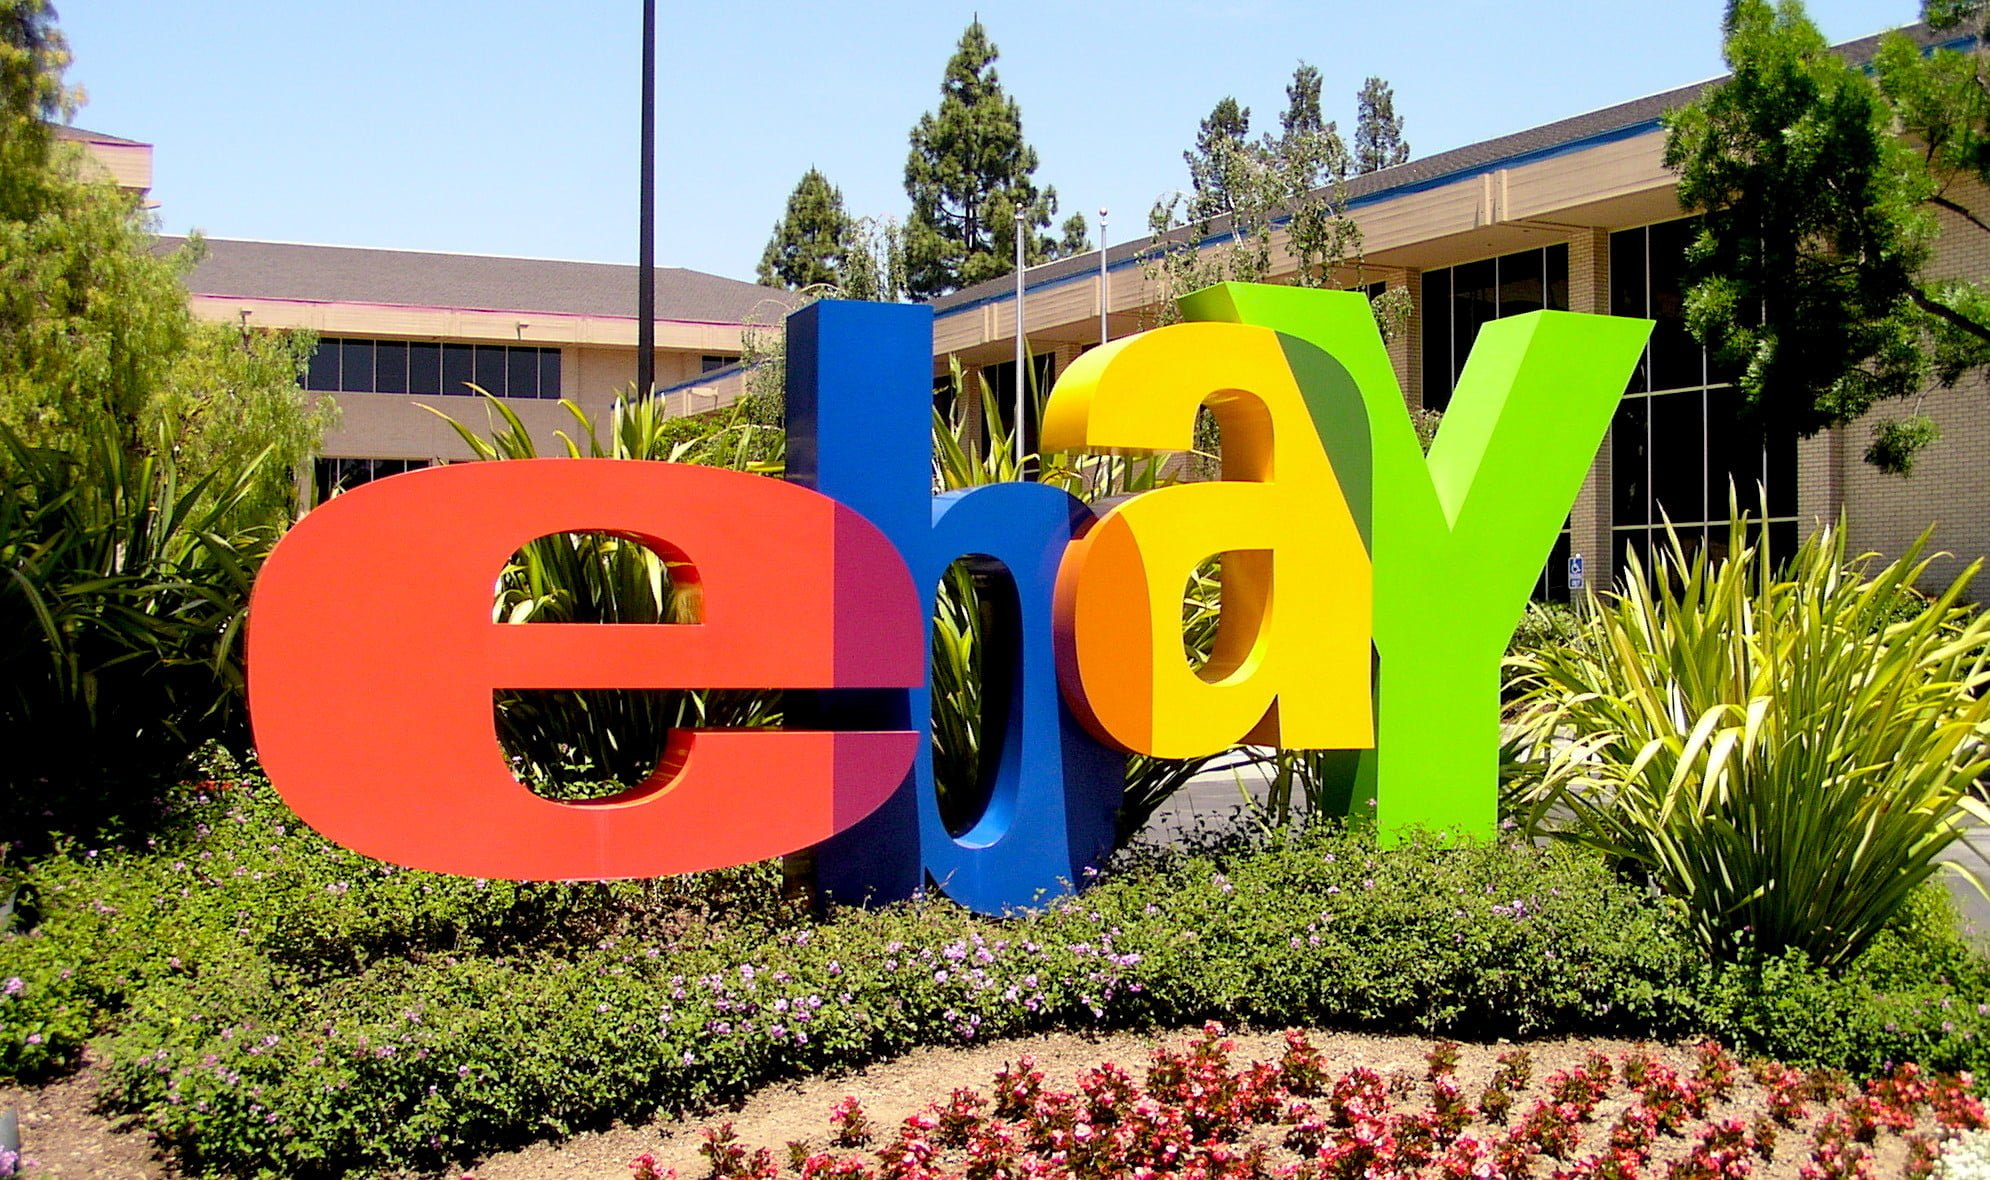 ebay 拍賣、購物 6 月折價券送 1200 元優惠序號